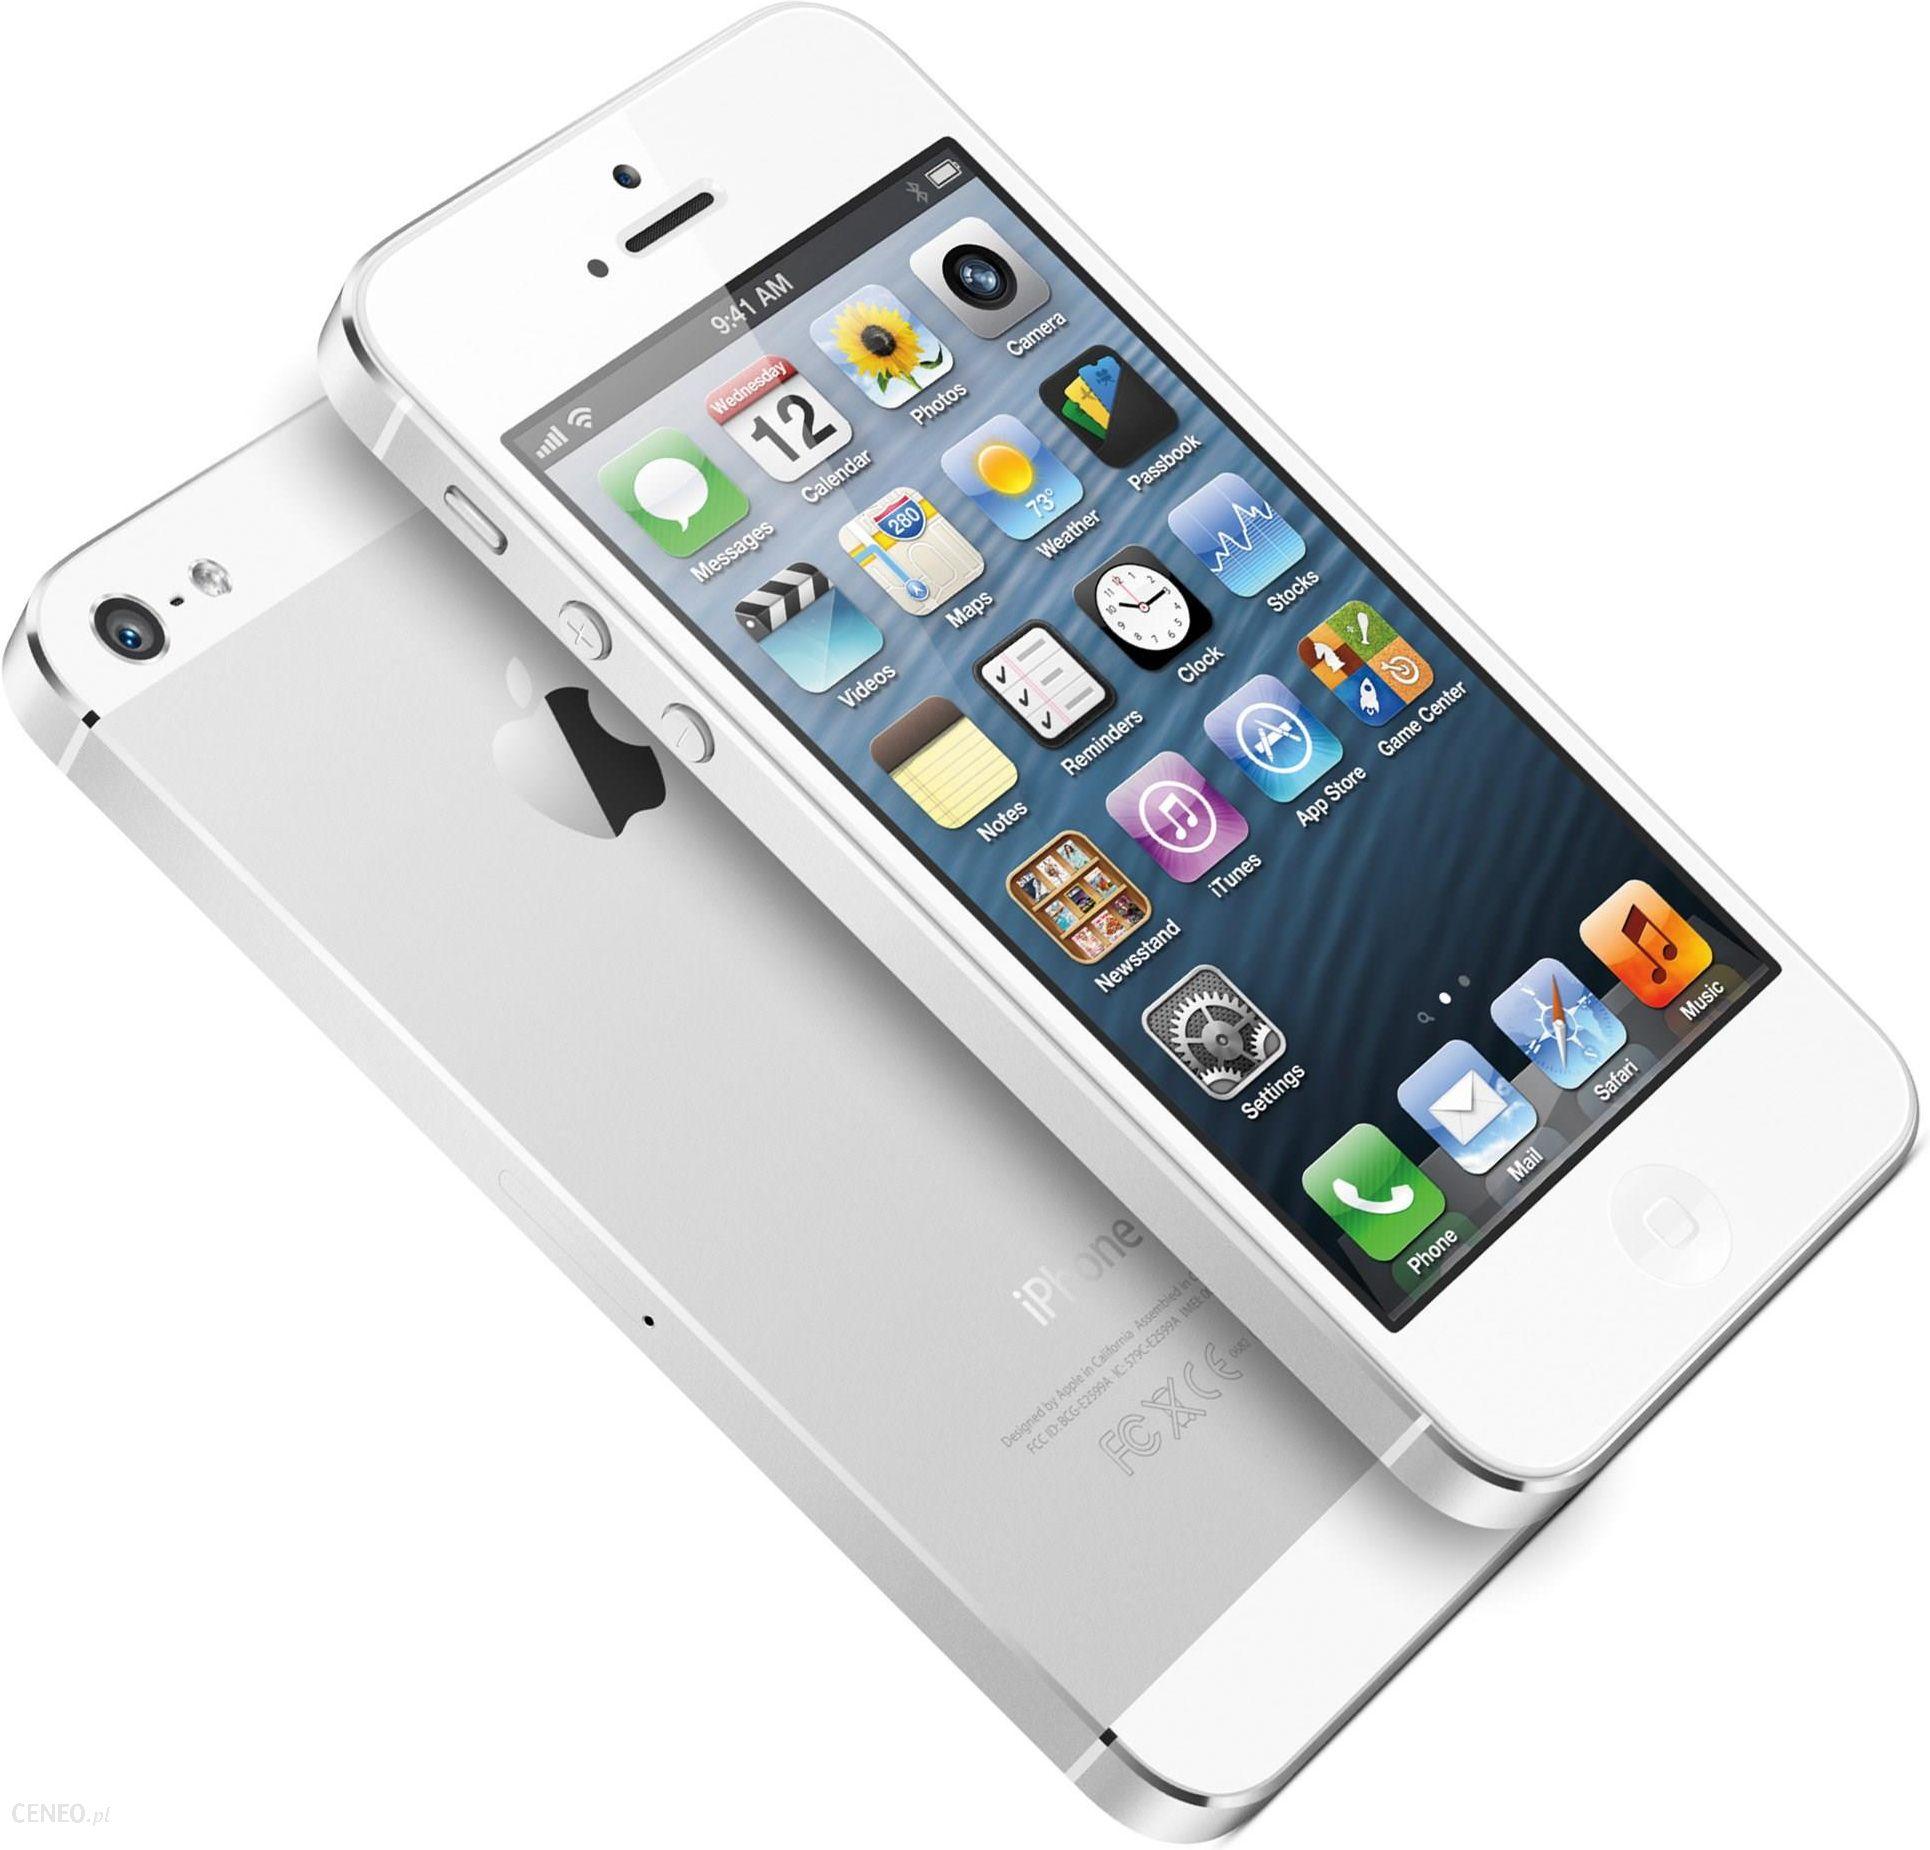 Smartfon Apple Iphone 5s 16gb Srebrny Opinie Komentarze O Produkcie 2